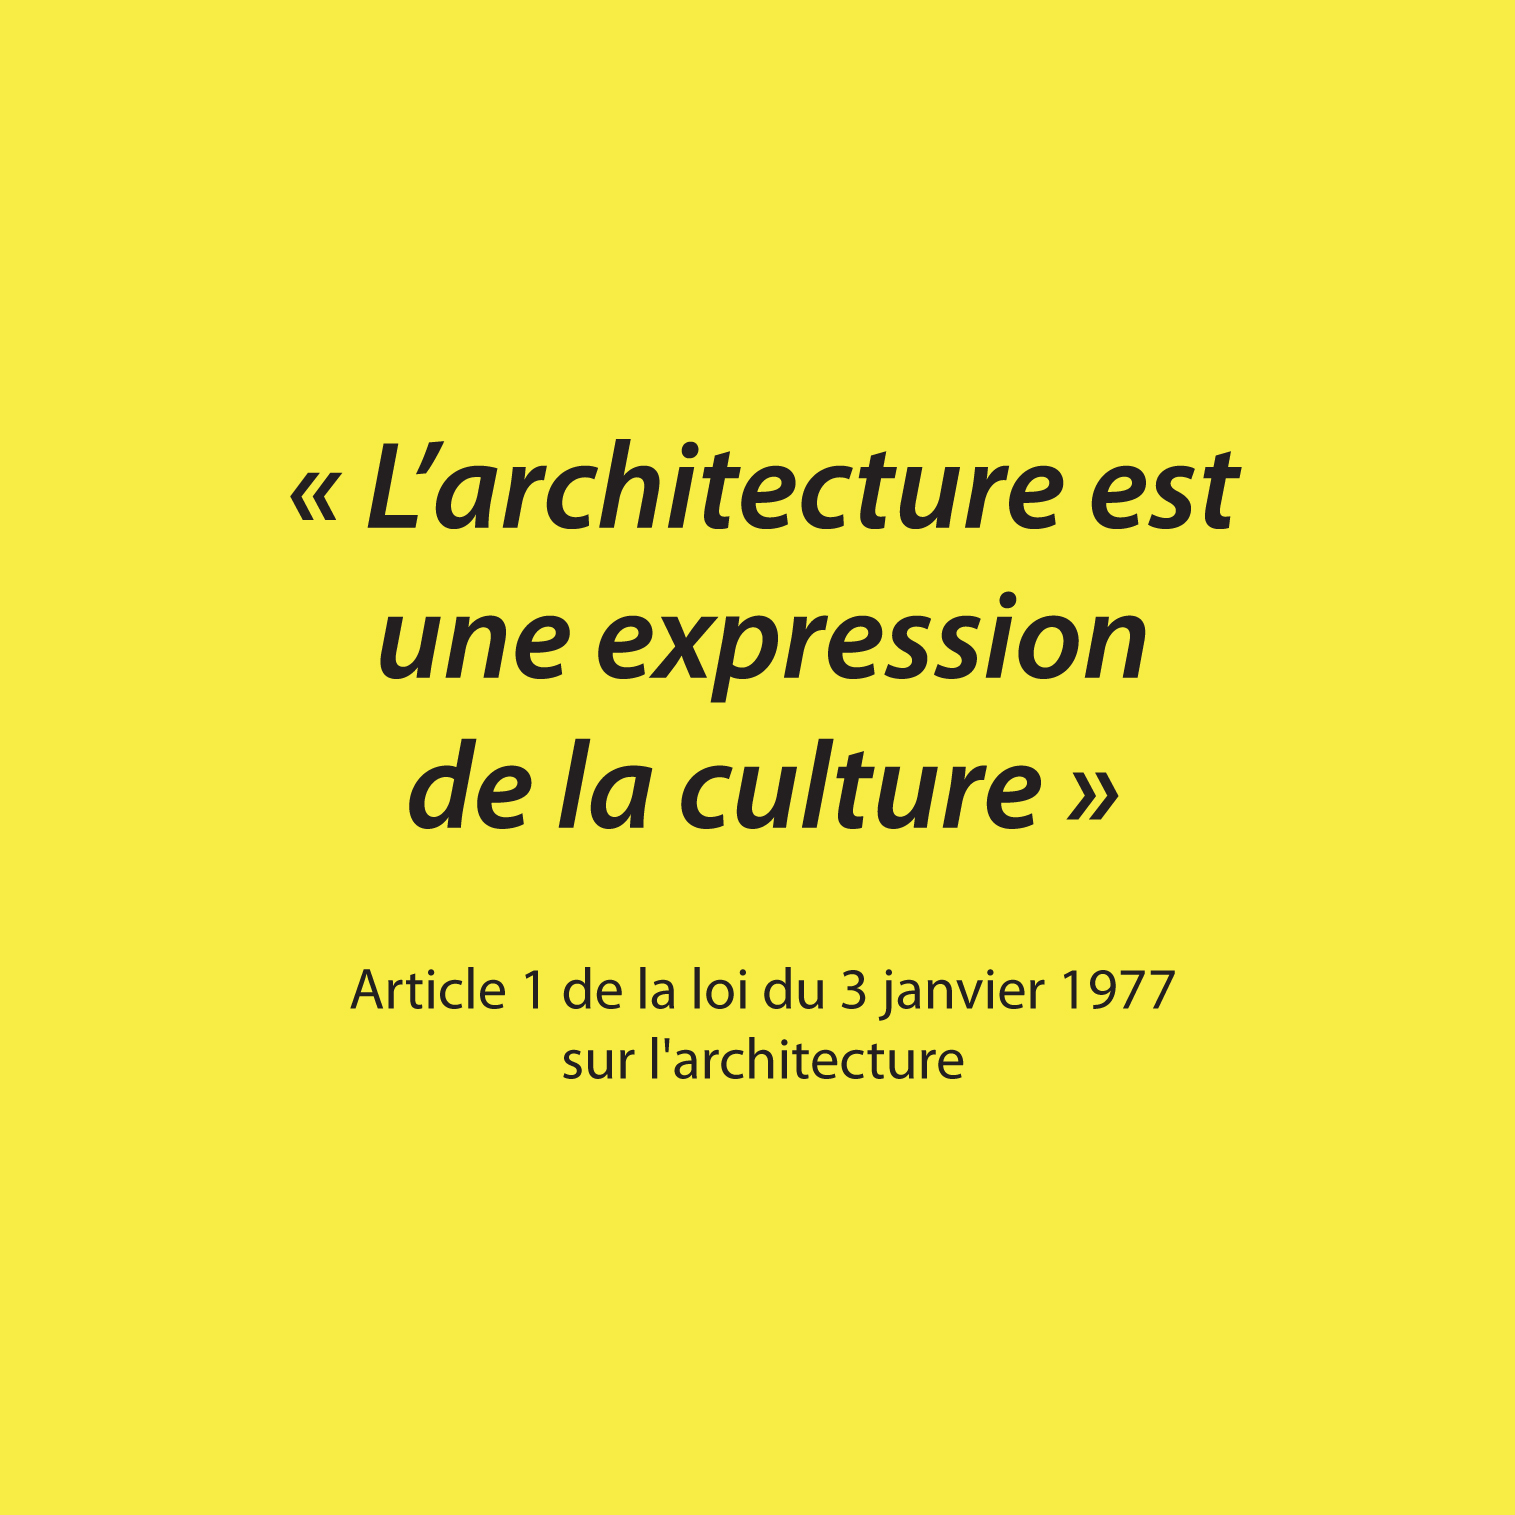 Liste Ordre Des Architectes la loi de 1977 en 4 points